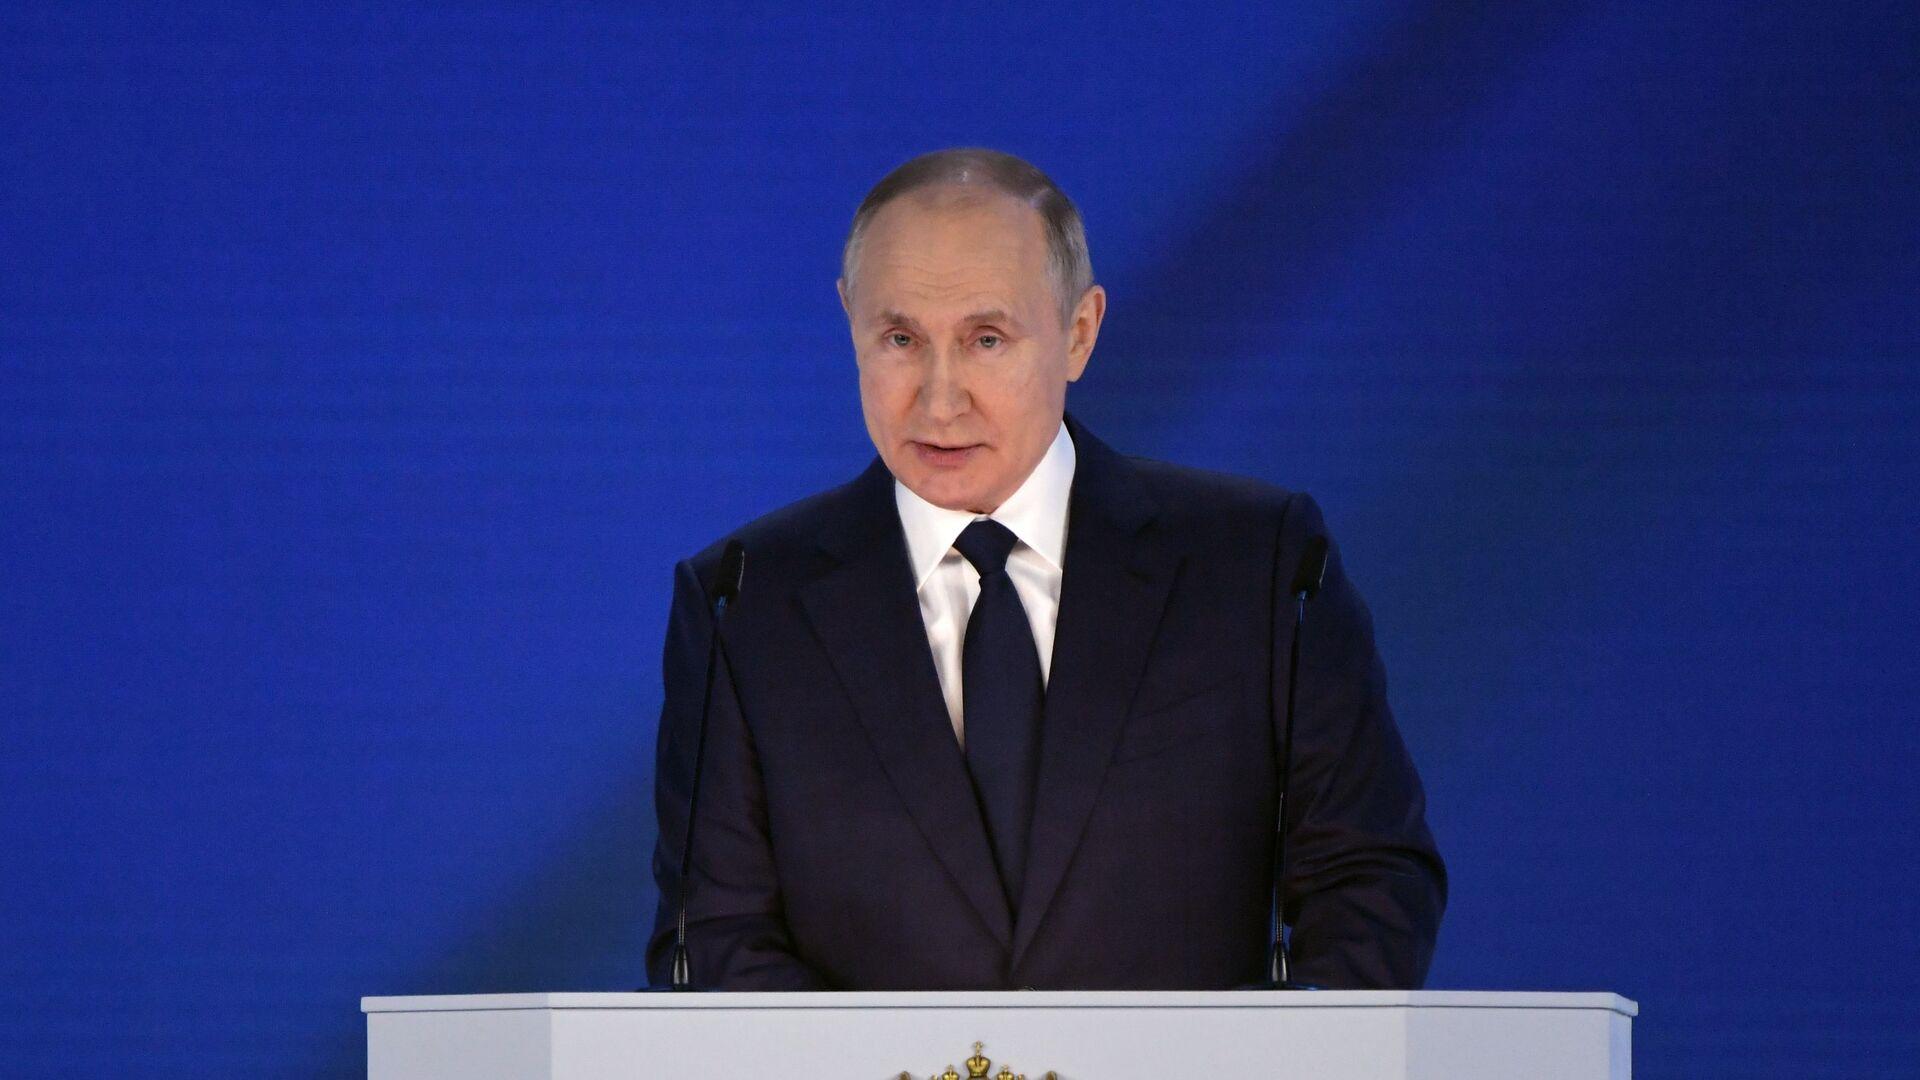 Ruský prezident Vladimir Putin vystupuje s posláním Federálnímu shromáždění (21. 04. 2021) - Sputnik Česká republika, 1920, 21.04.2021